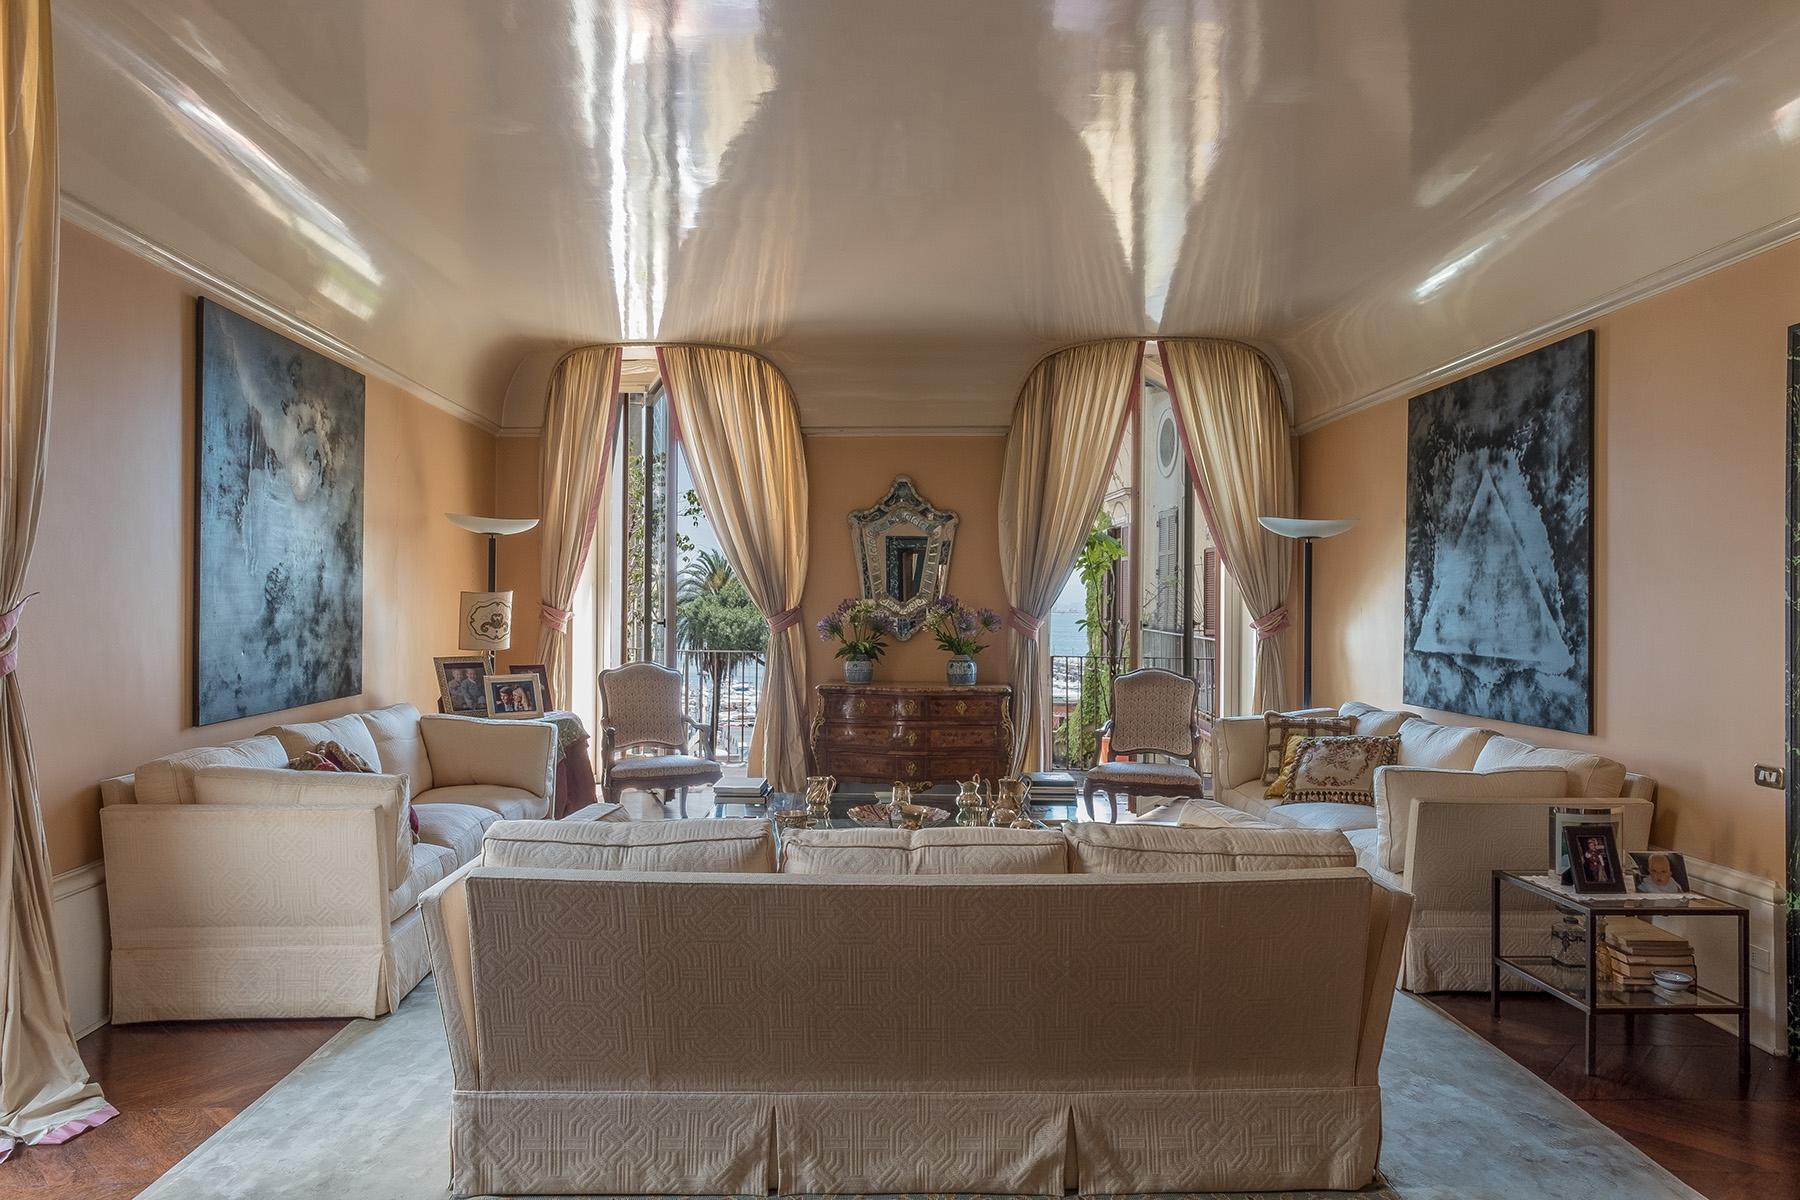 Appartamento di lusso in vendita a Napoli Via Mergellina - TrovoCasa ... a126f6ac9da